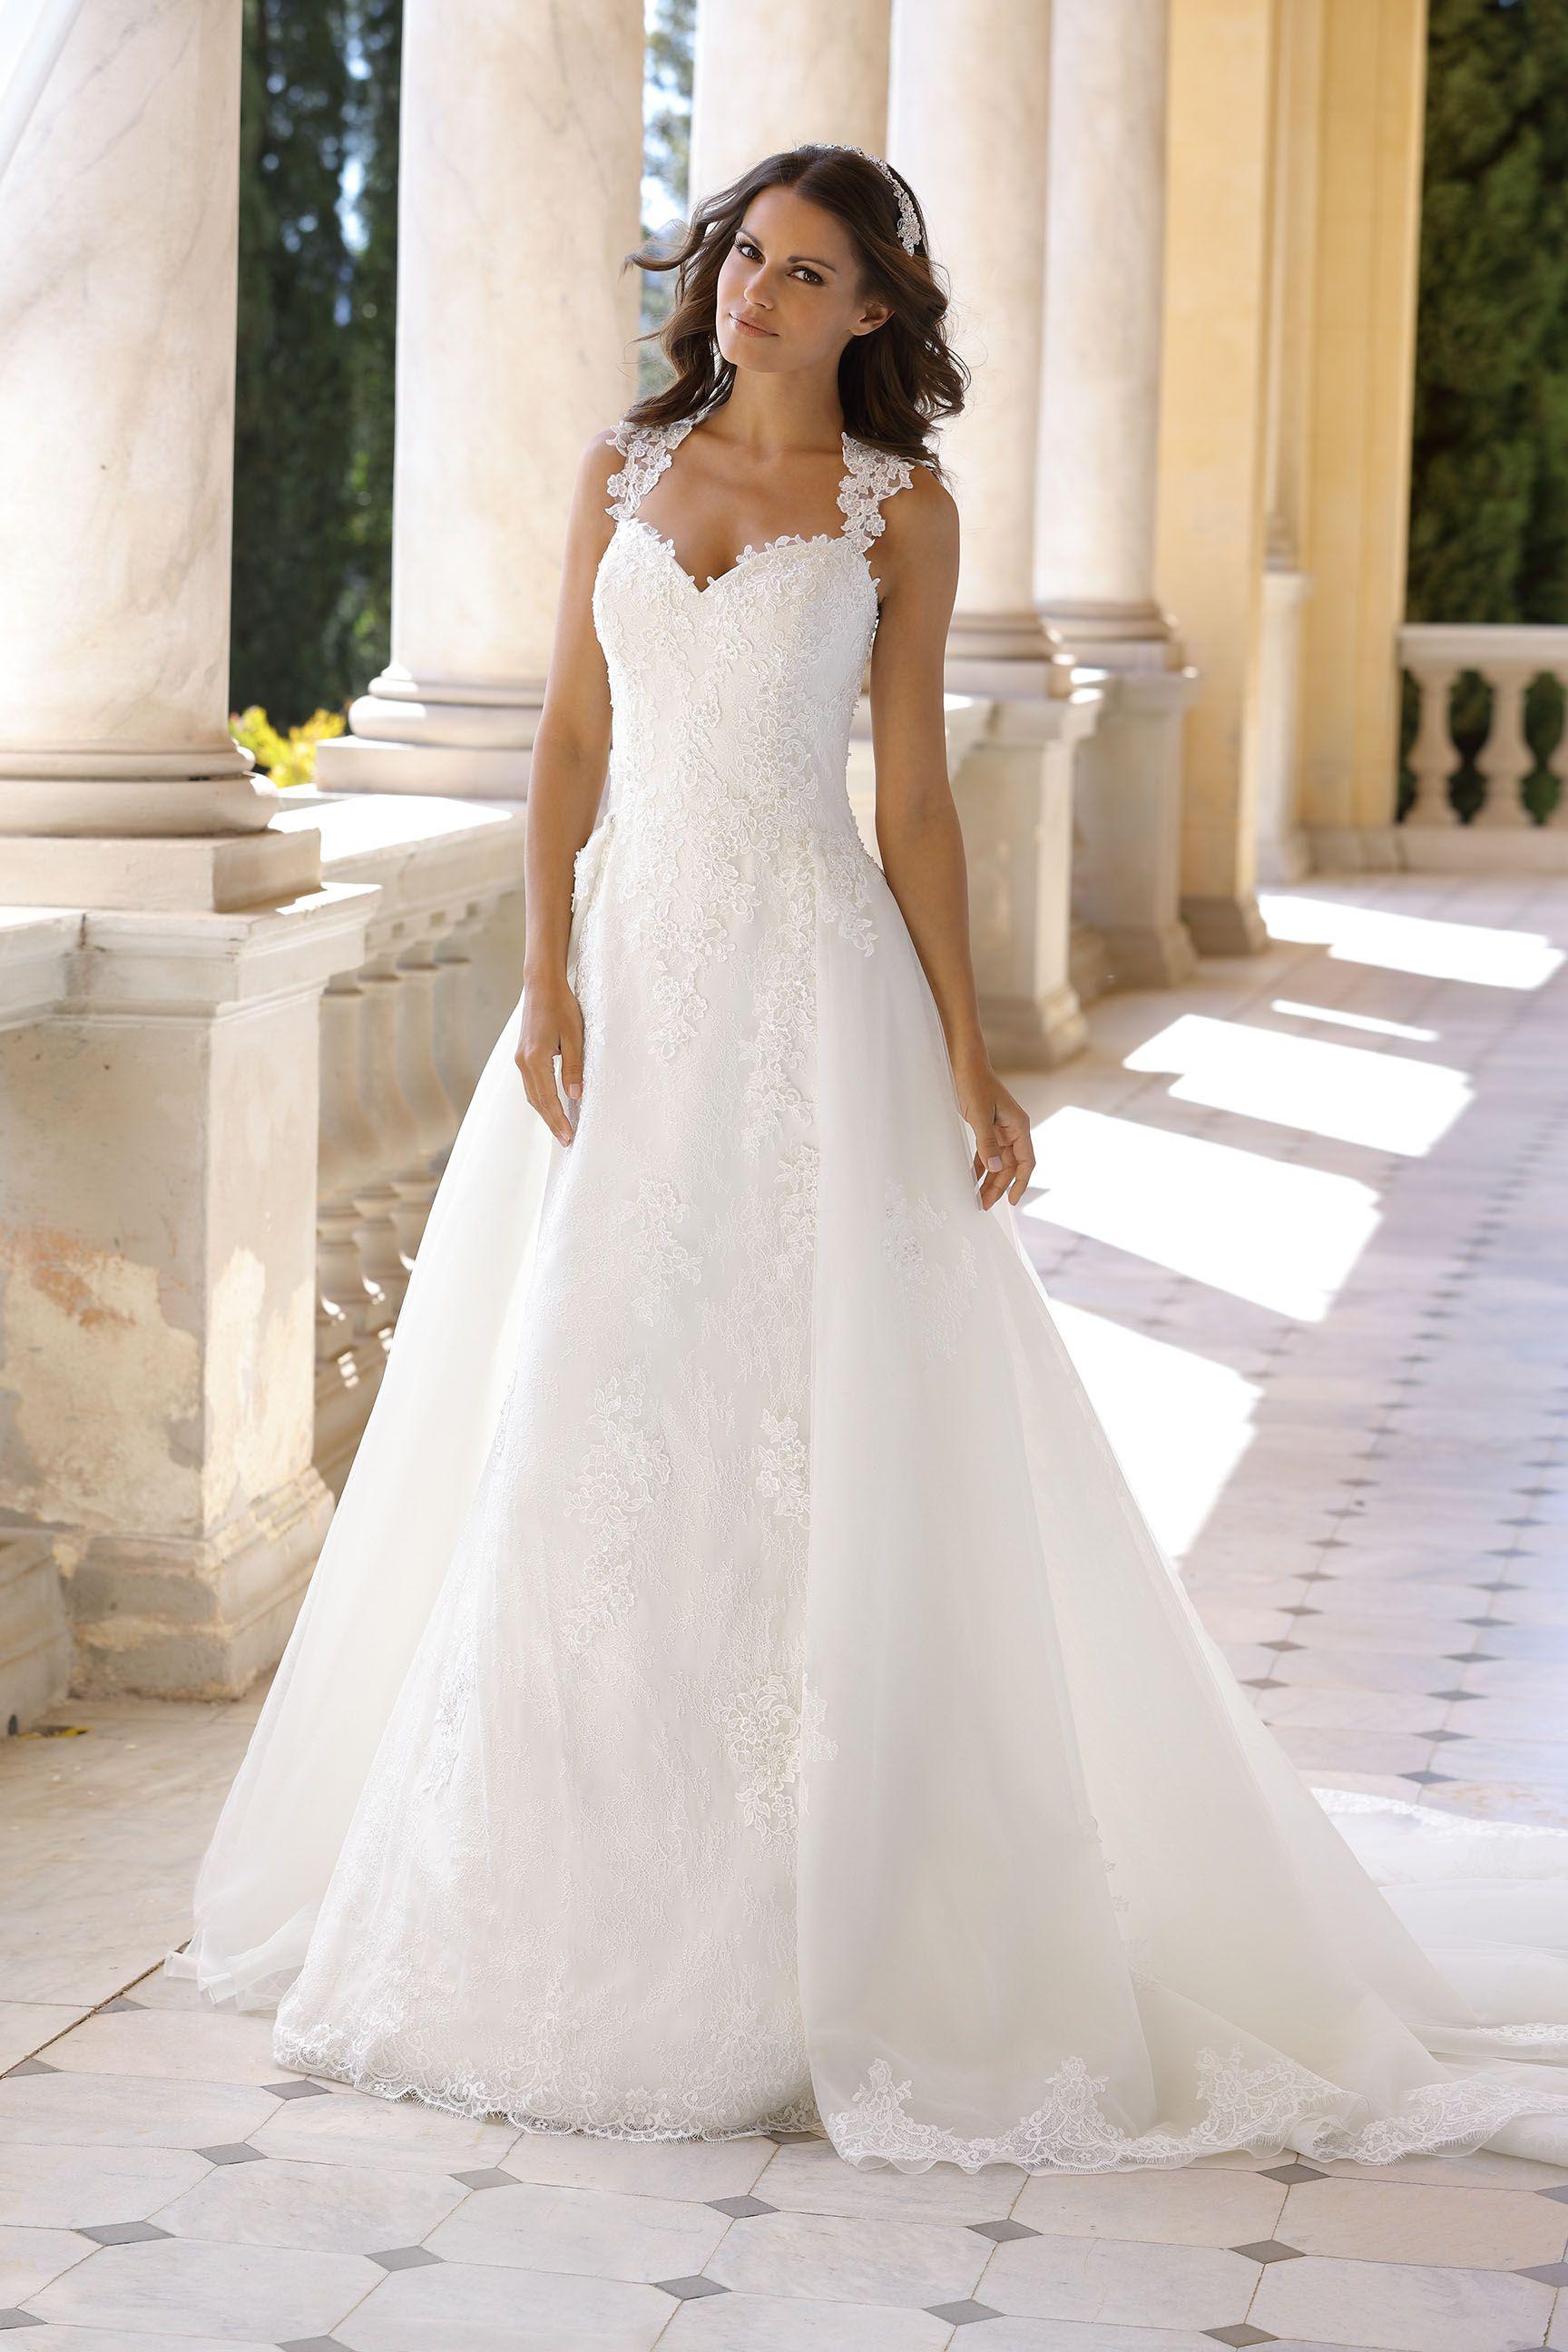 Kollektion 2018 - Emma Charlotte | Hochzeitskleider | Pinterest ...